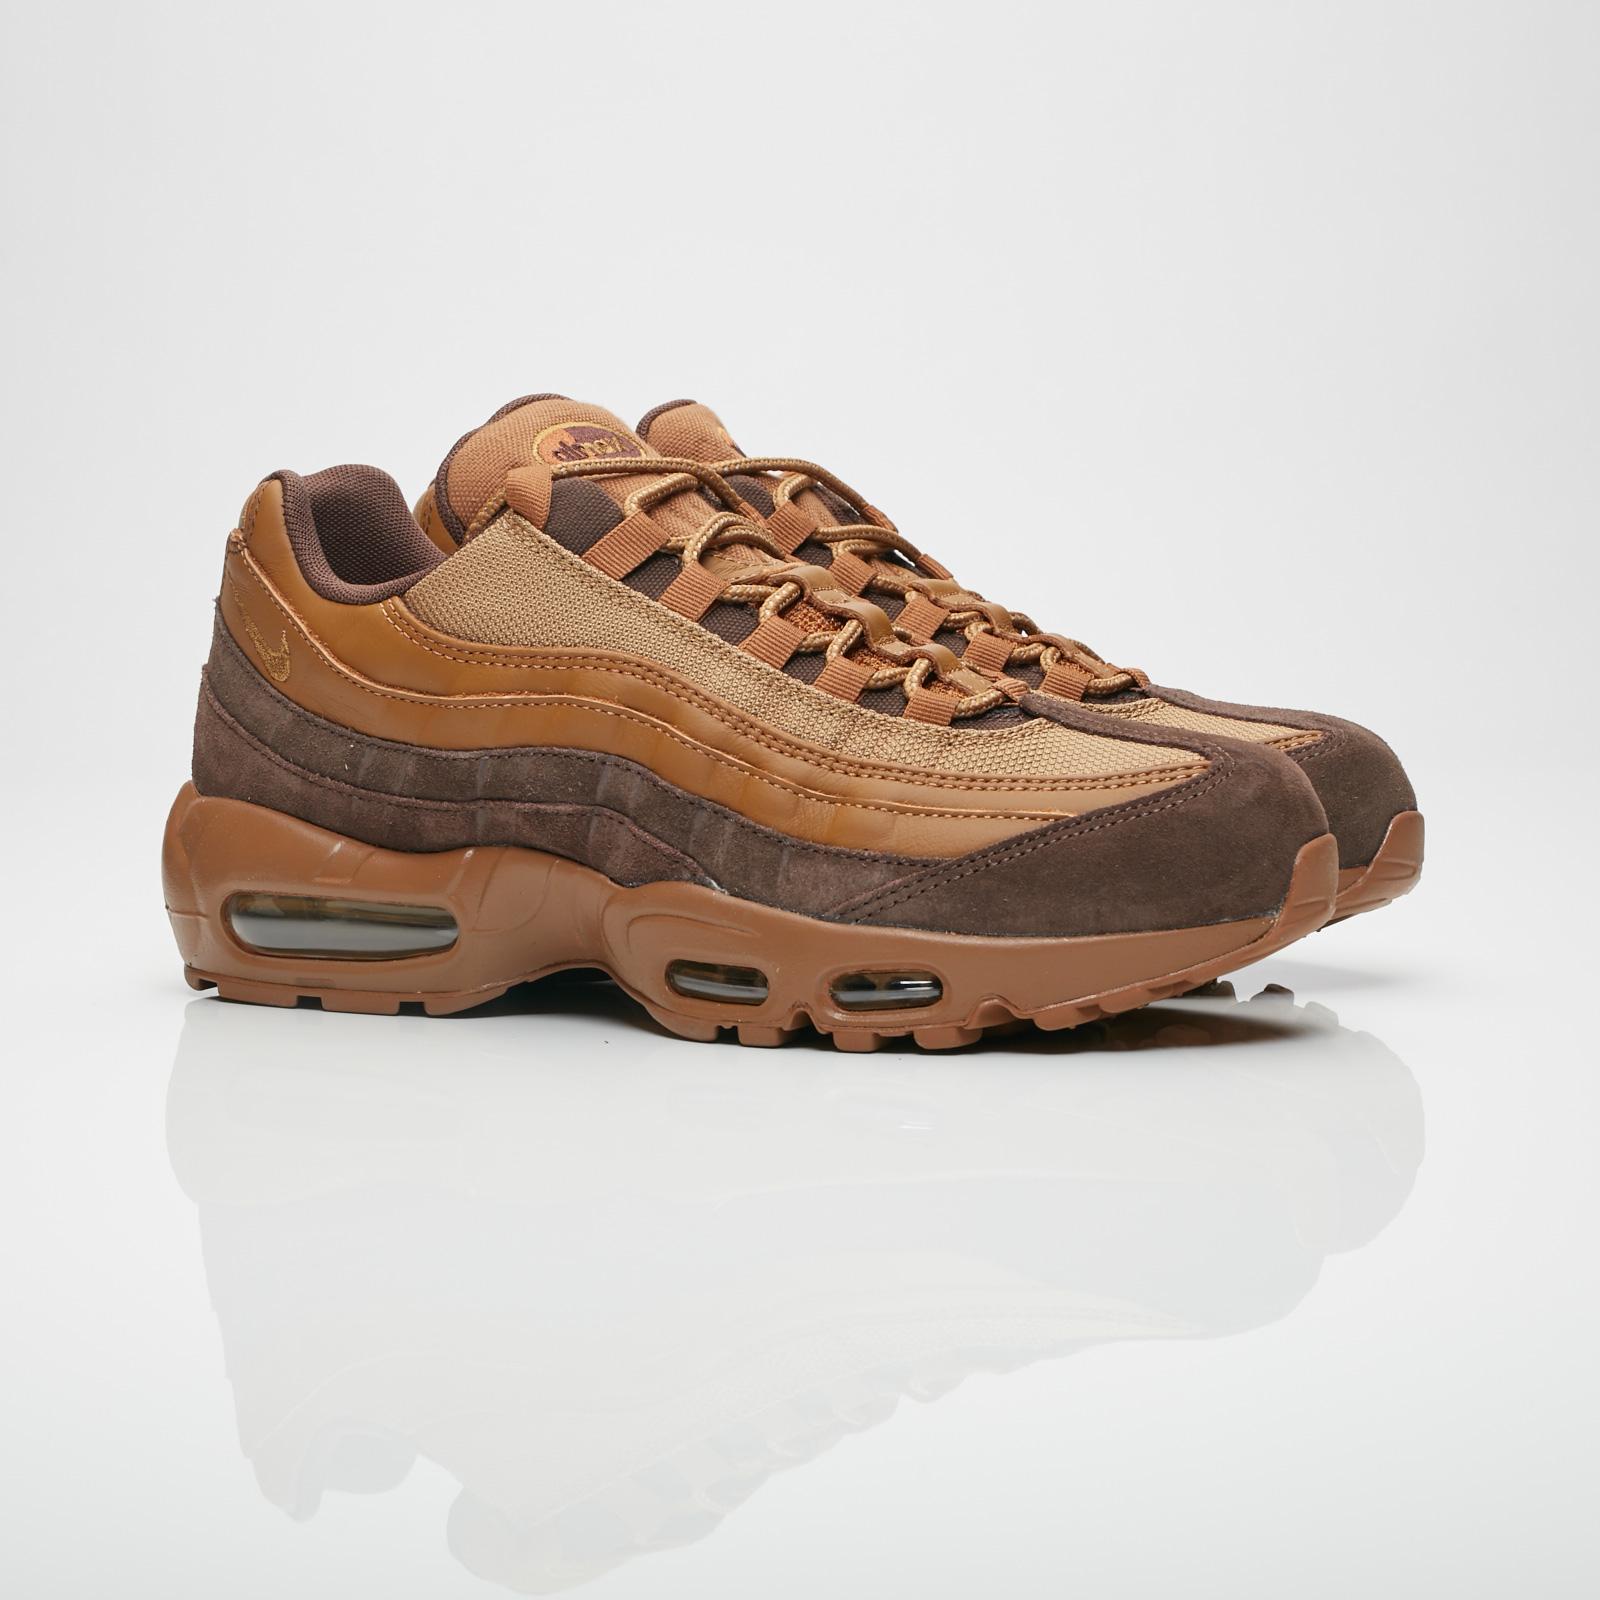 ee33555ee4389 Nike Air Max 95 Premium - 538416-203 - Sneakersnstuff